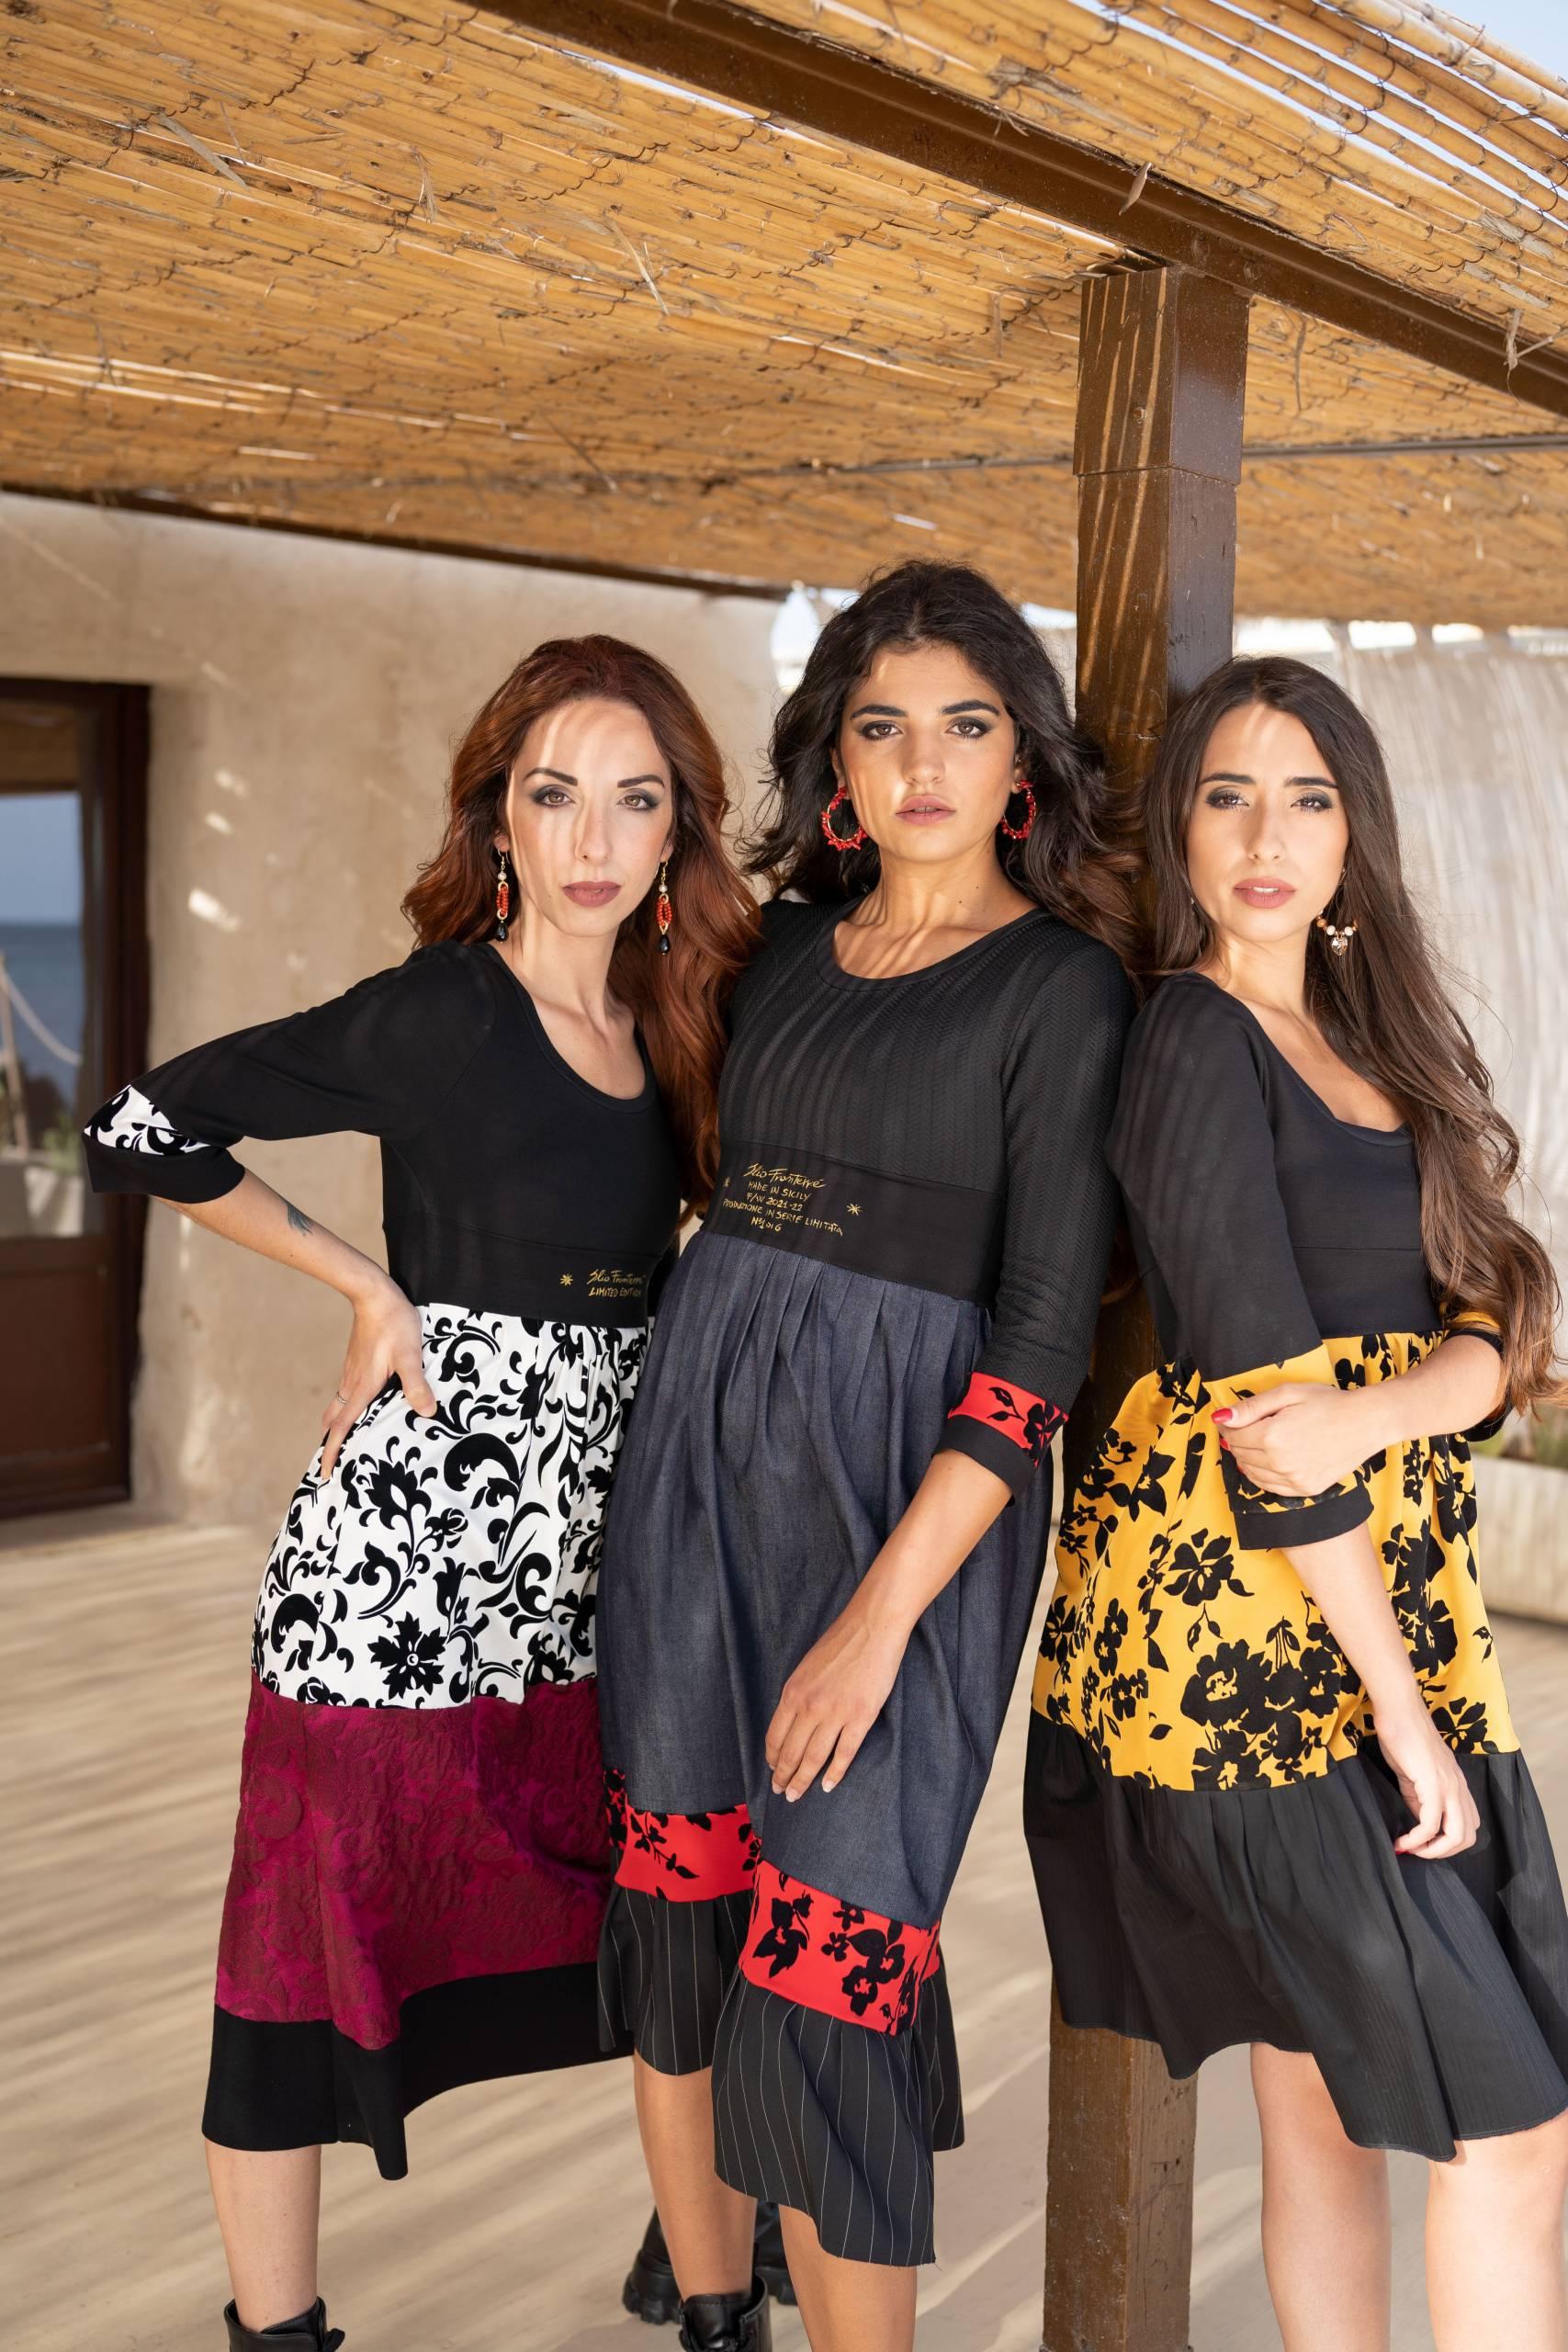 Fashion Abiti Donna madeinItaly sicilia Online Collezione Autunno Inverno 2021 Elio Fronterre Limited Edition Remix 13 scaled